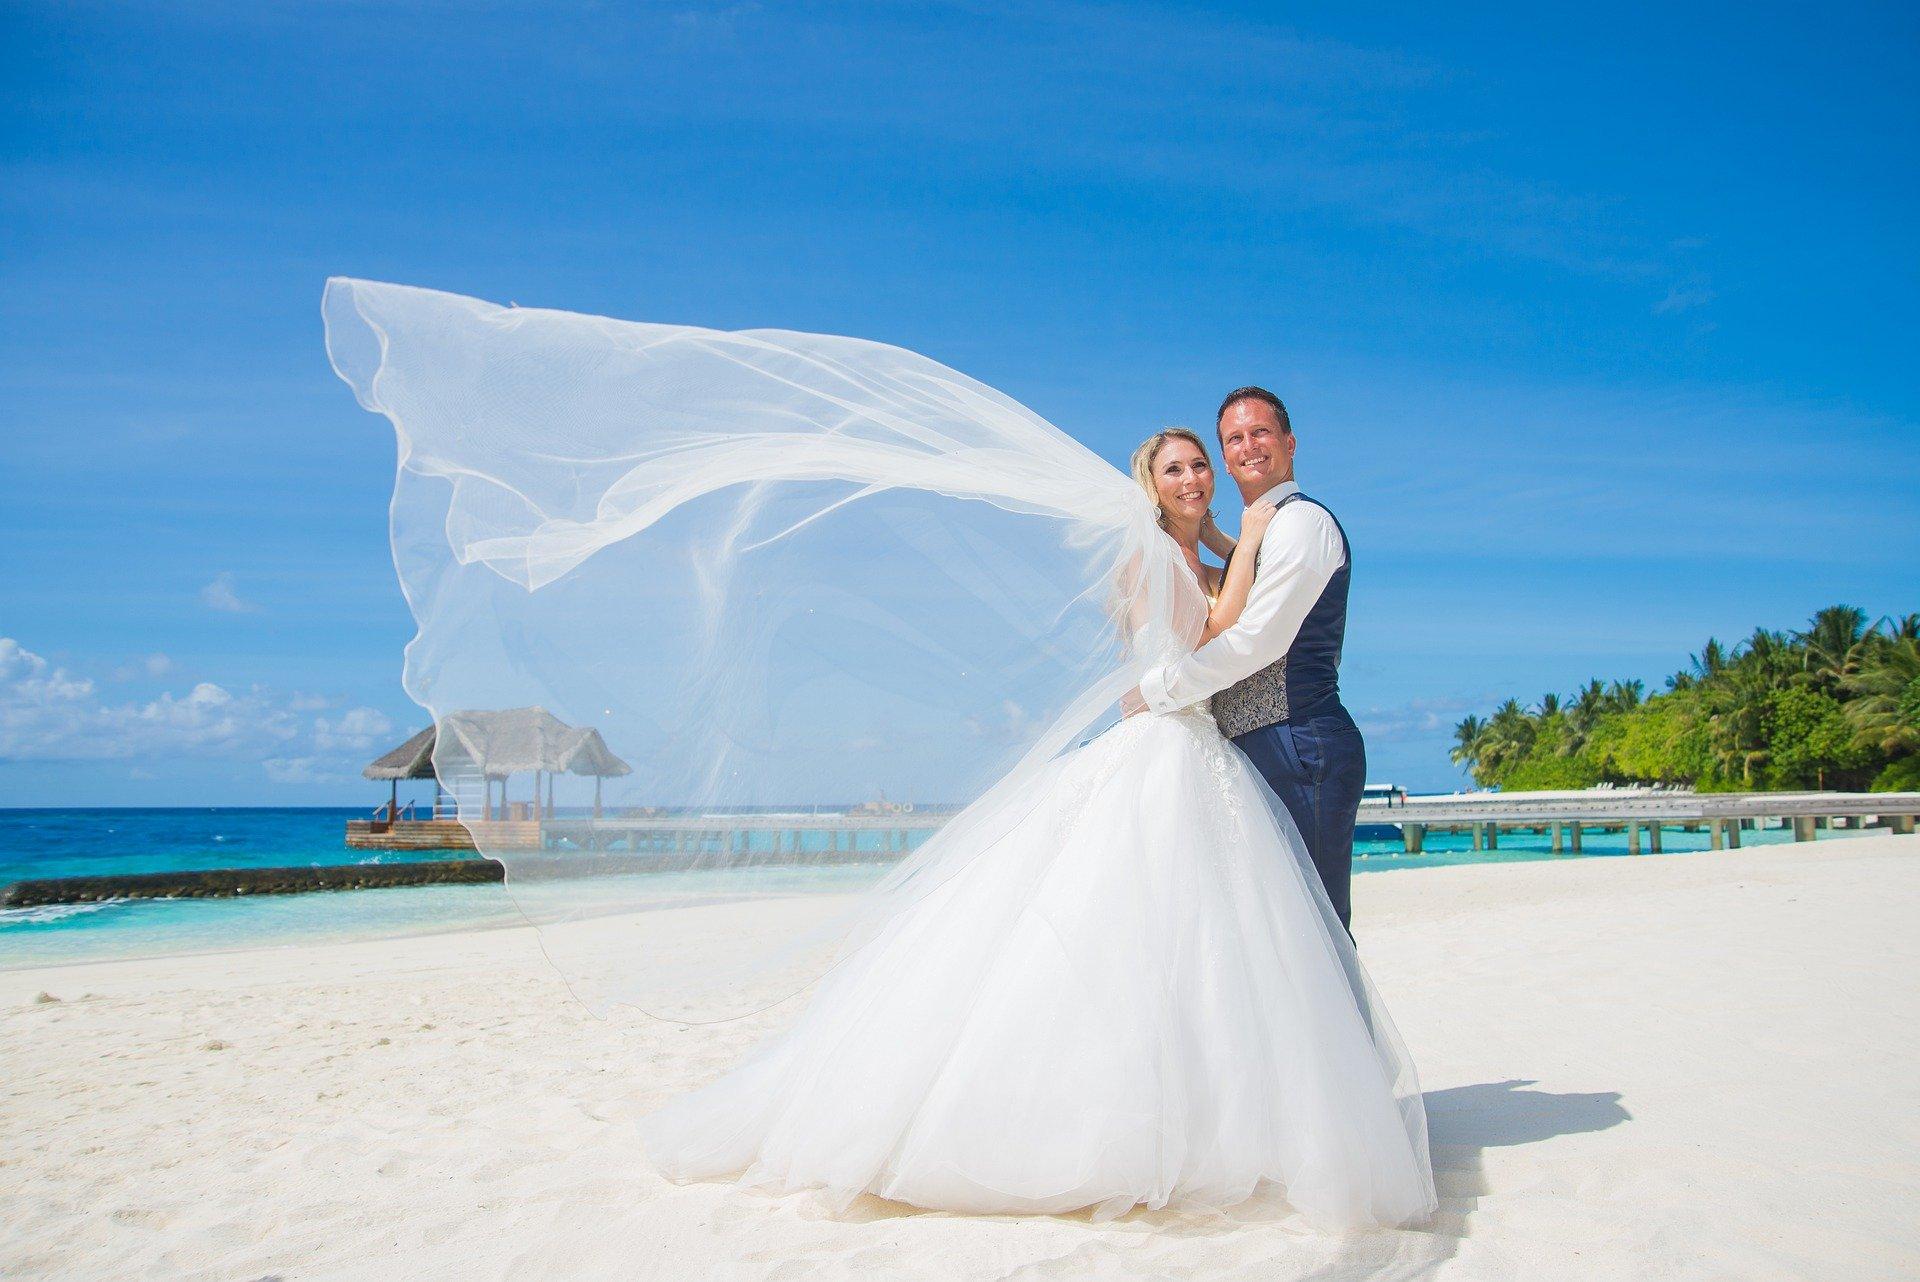 Huwelijksreis bestemmingen | Voyage Unique - Reisbureau Sint-Martens-Latem